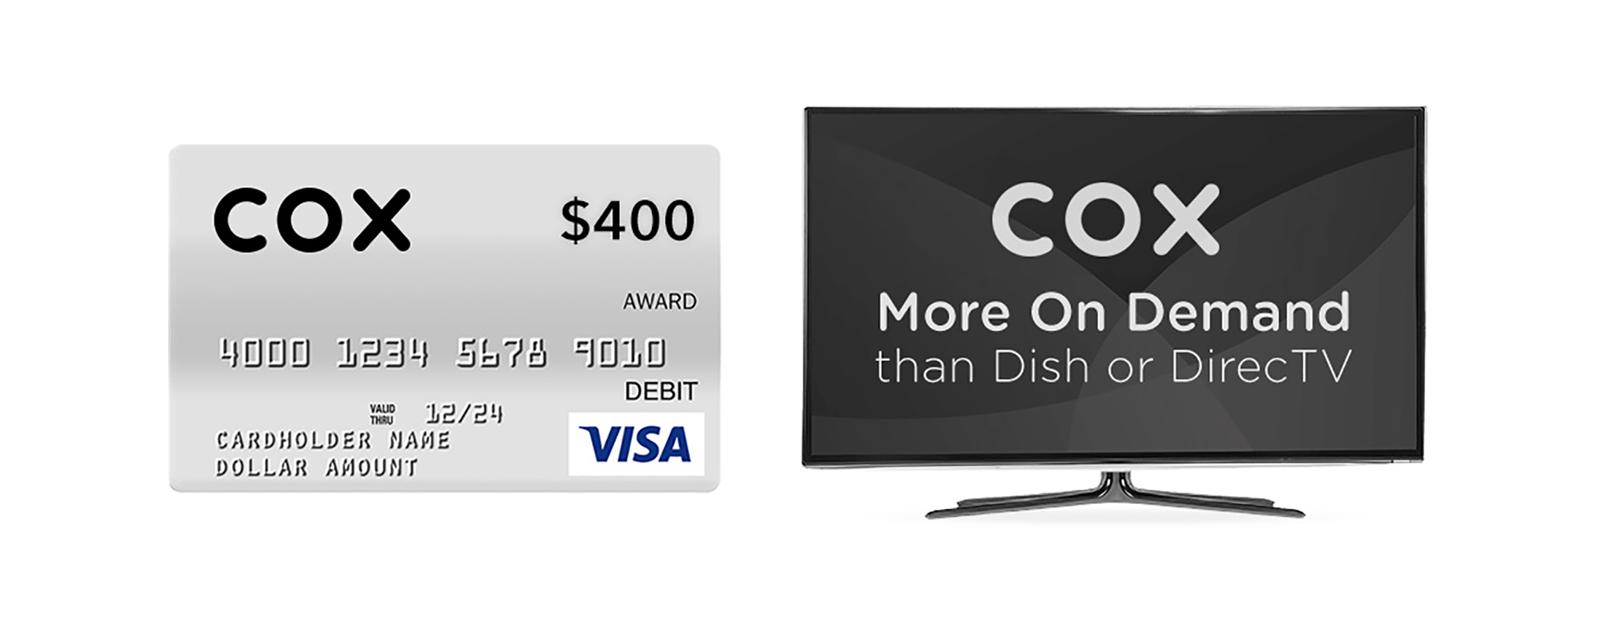 Cox通信品牌更新全新的品牌VI视觉形象设计-深圳VI设计4